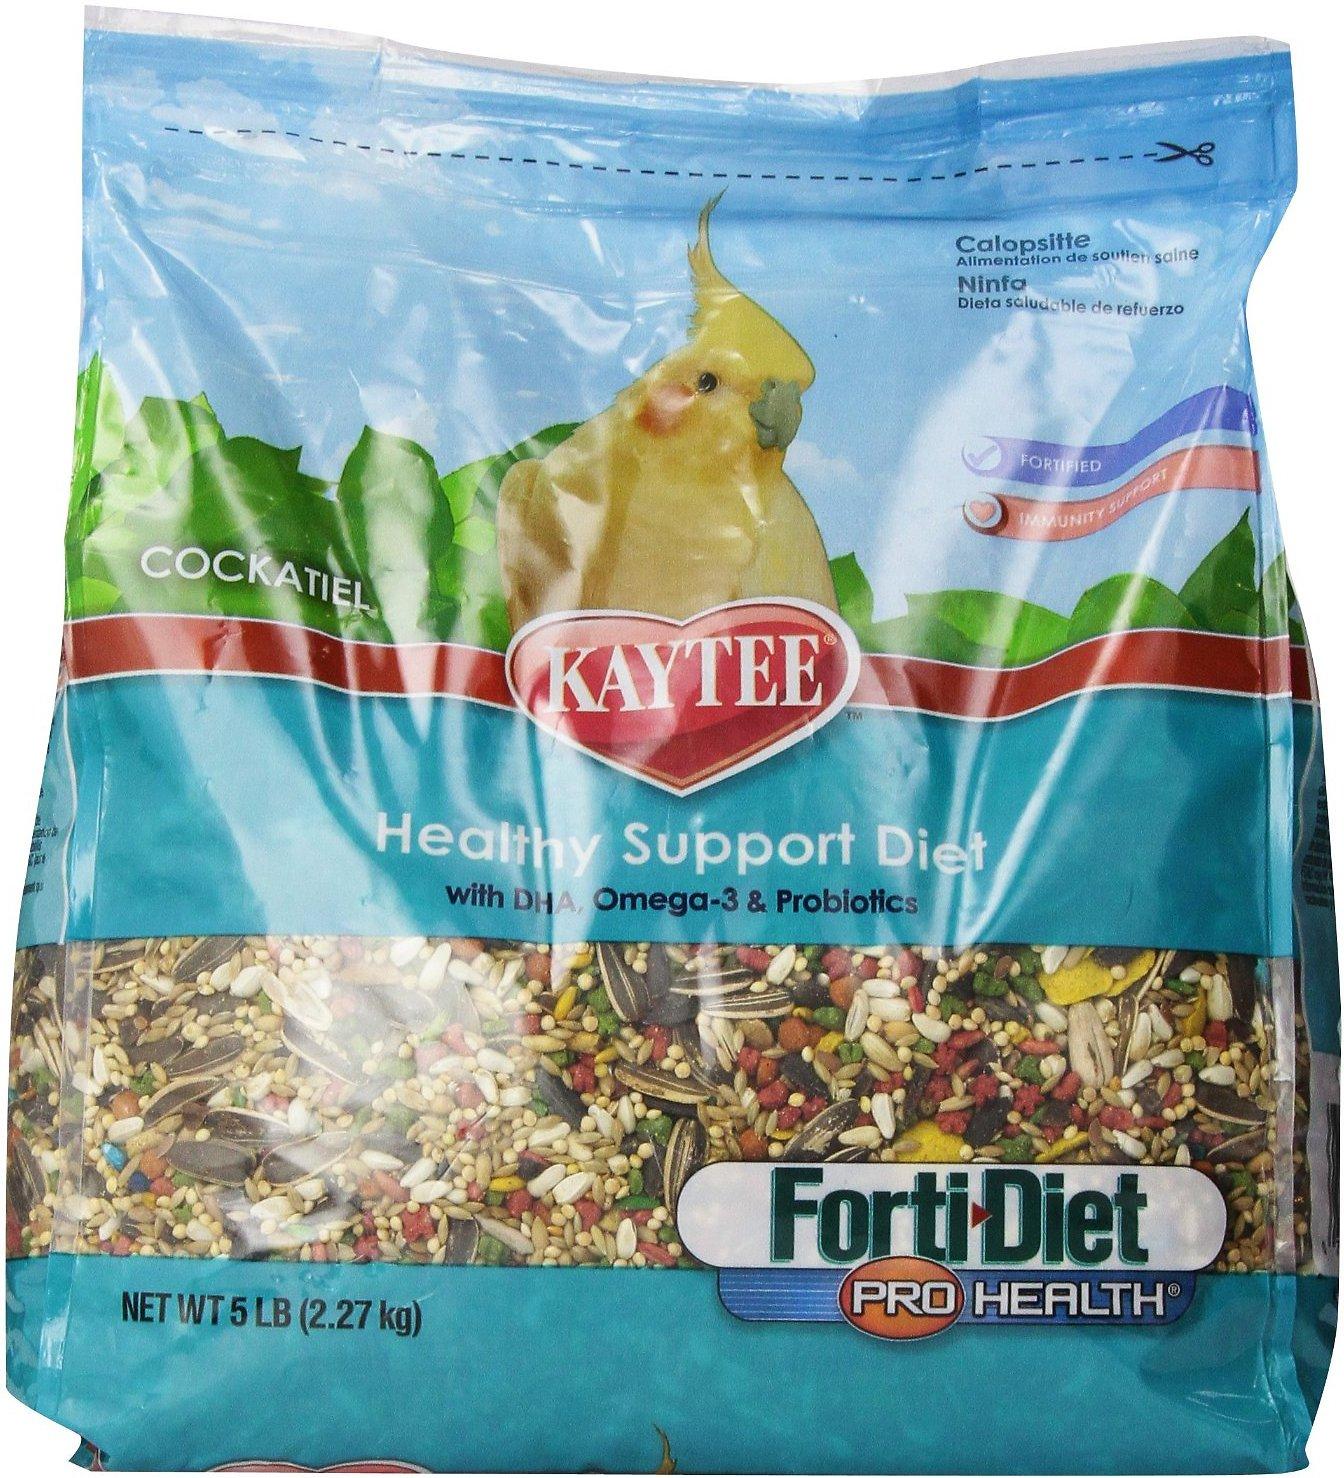 Kaytee Forti-Diet Pro Health Cockatiel Bird Food